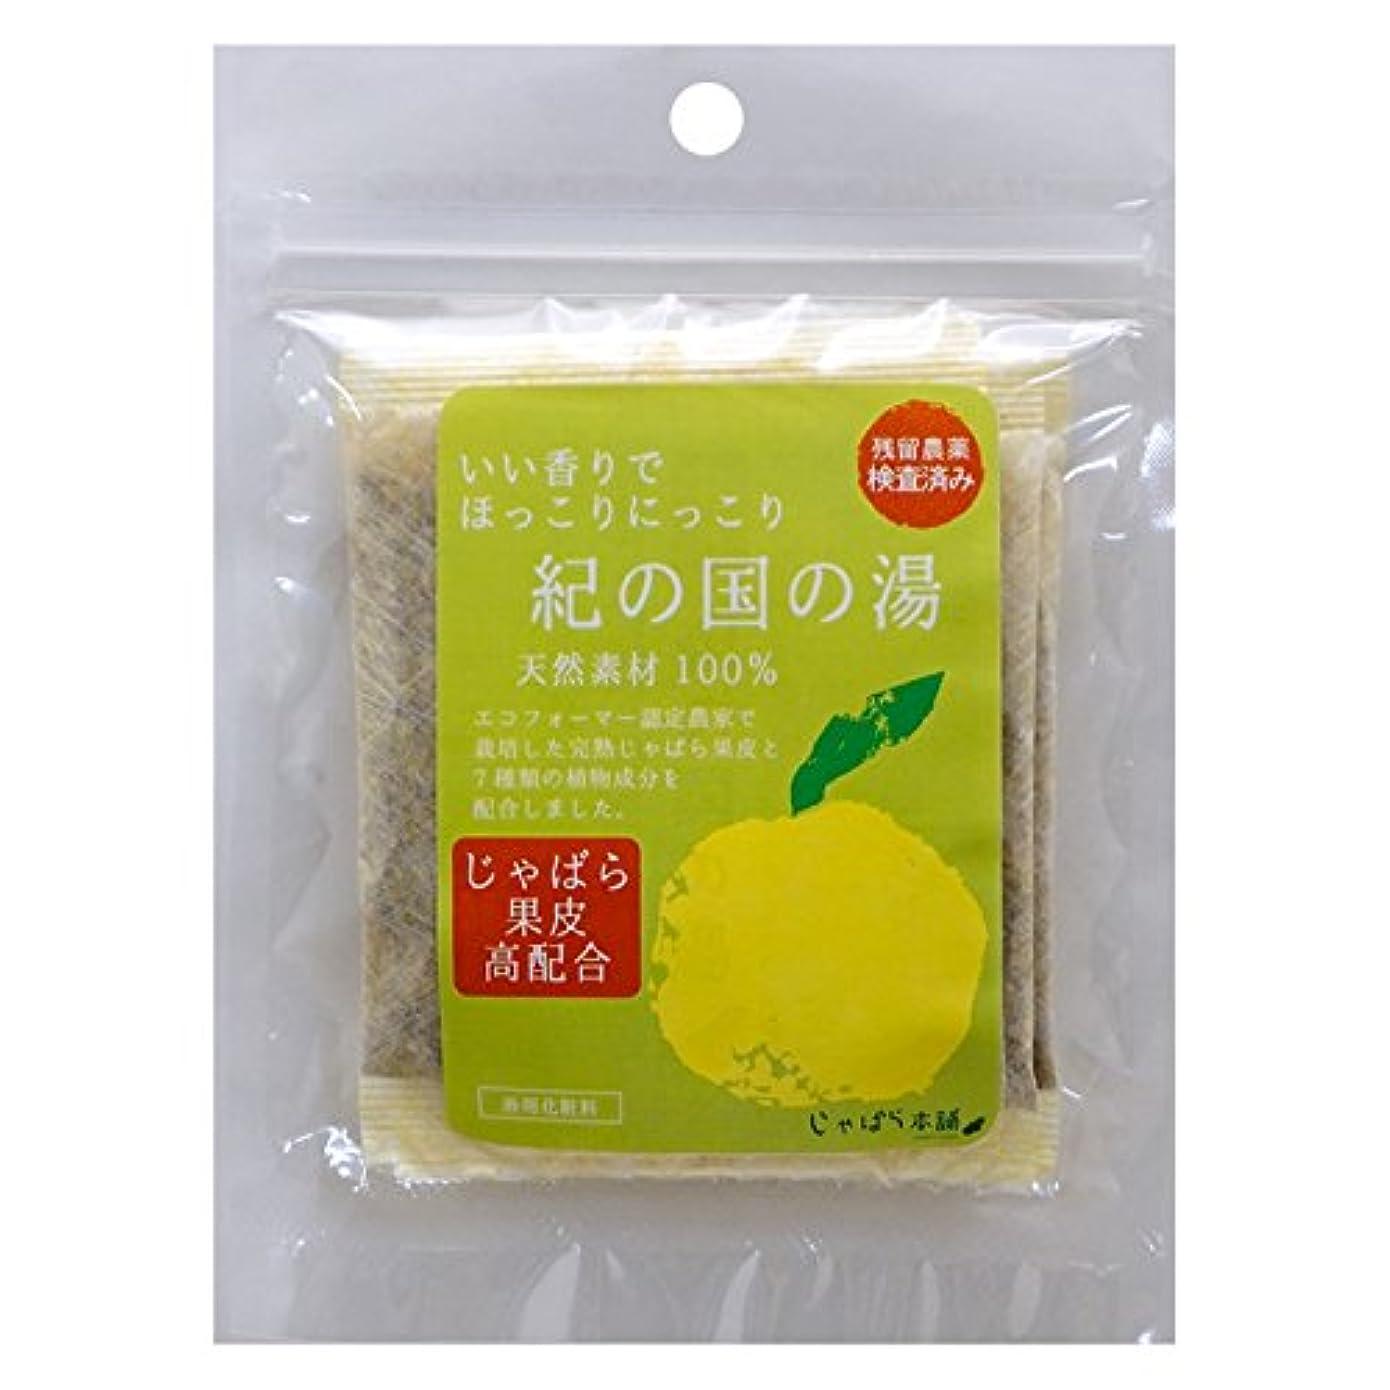 太いネスト受益者じゃばら果皮入りの入浴剤 「紀の国の湯」 1袋(15g×3包入り)